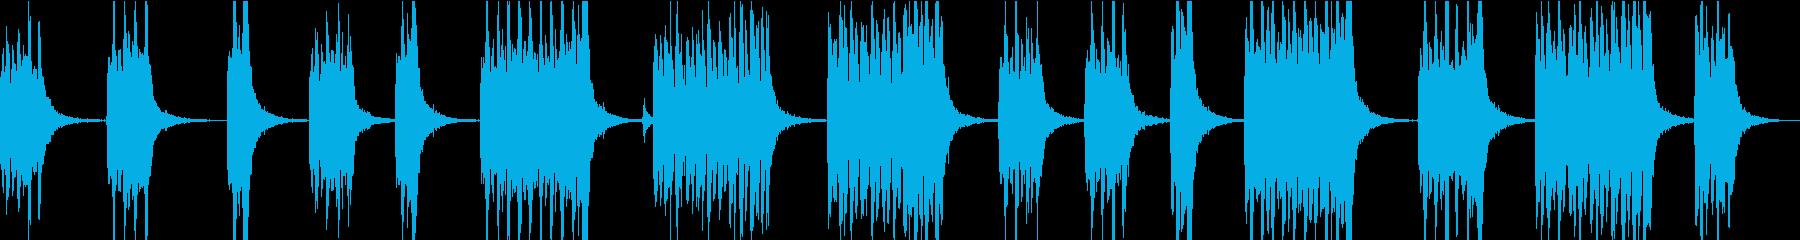 慌ただしくあたふたするようなサウンドの再生済みの波形